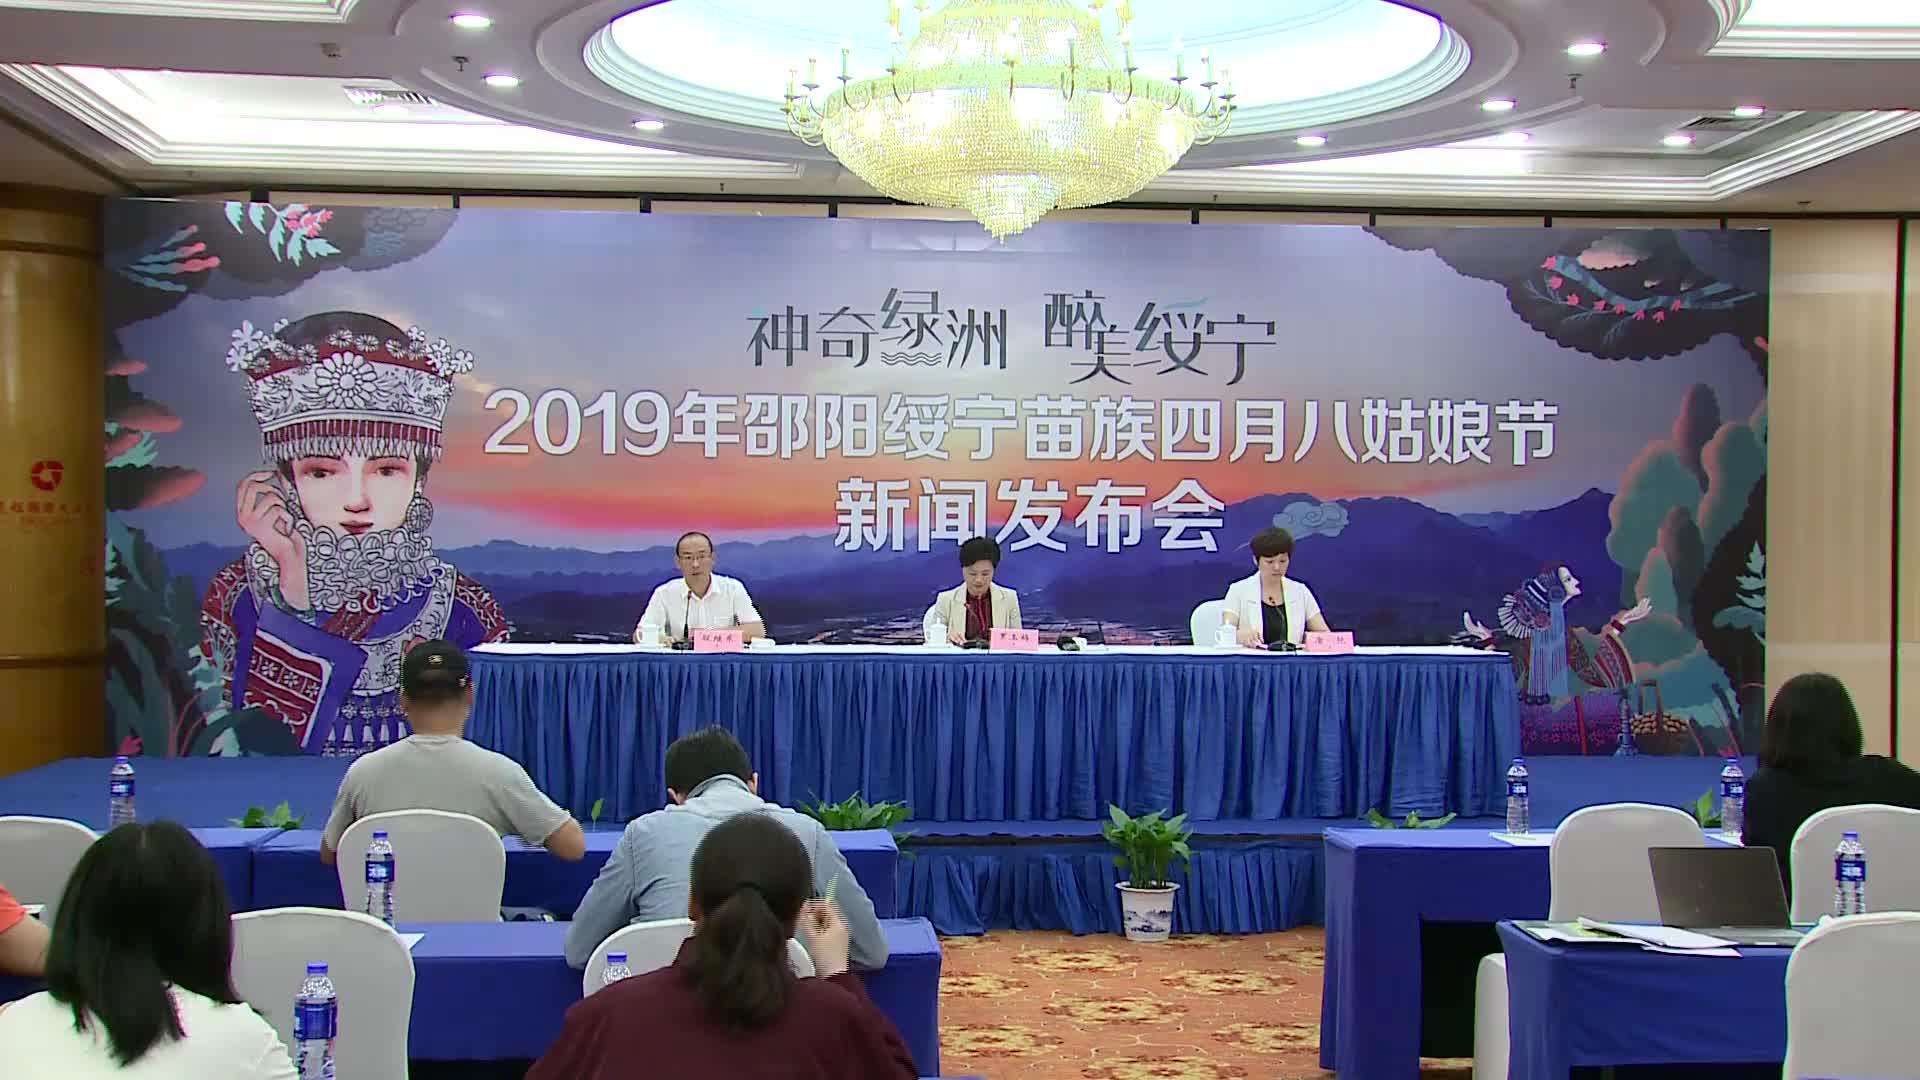 【全程回放】2019年邵阳绥宁四八姑娘节新闻发布会